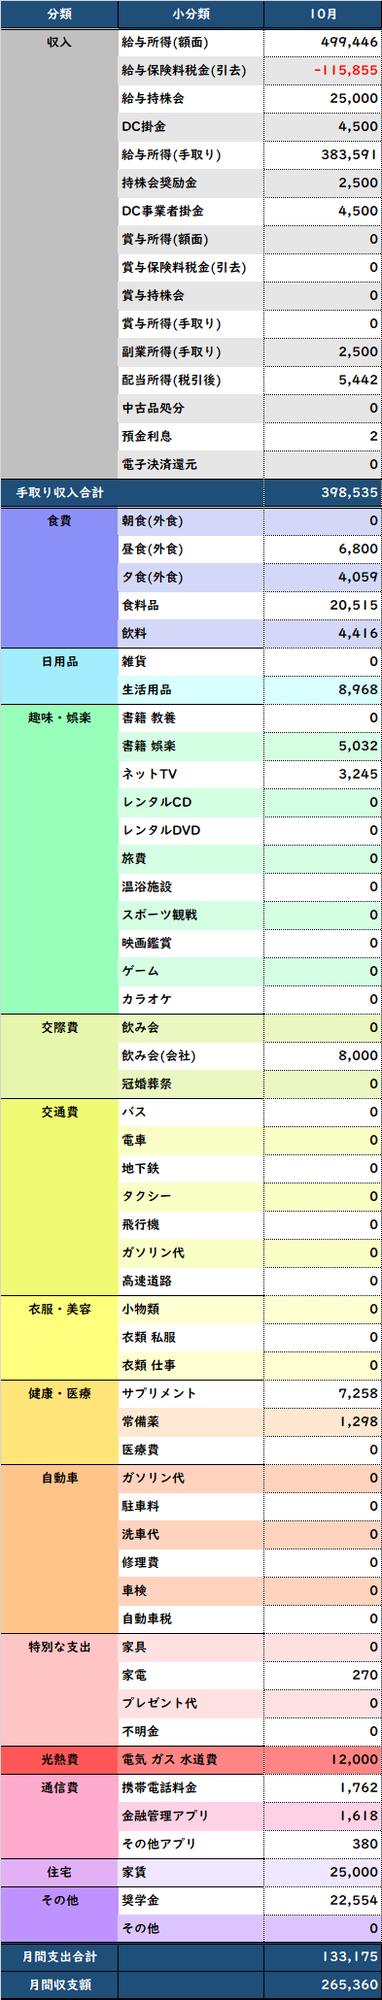 f:id:Hakurei:20201123100203p:plain